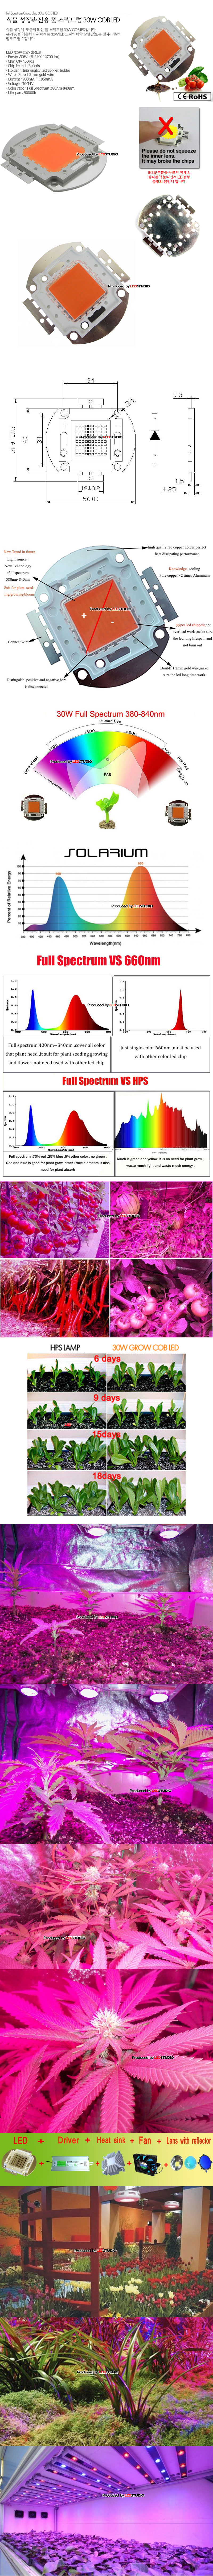 베하.식물 성장촉진용 풀 스펙트럼 30W COB LED (1.05A/2700lm/30~34v)